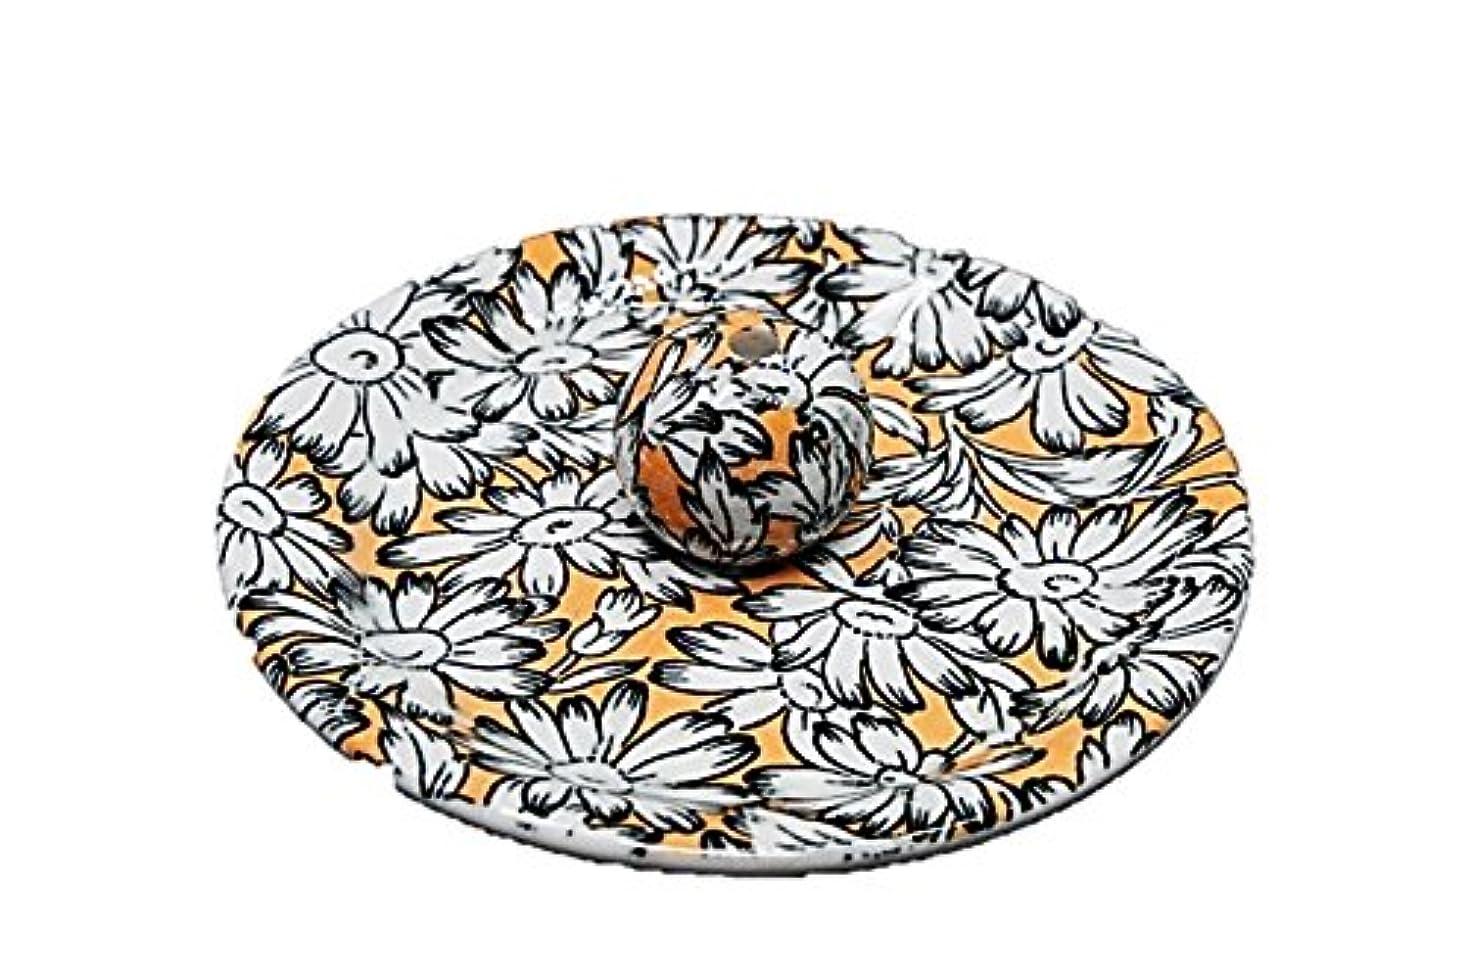 粘液コミットメント倉庫9-31 マーガレット オレンジ 9cm香皿 お香立て お香たて 陶器 日本製 製造?直売品